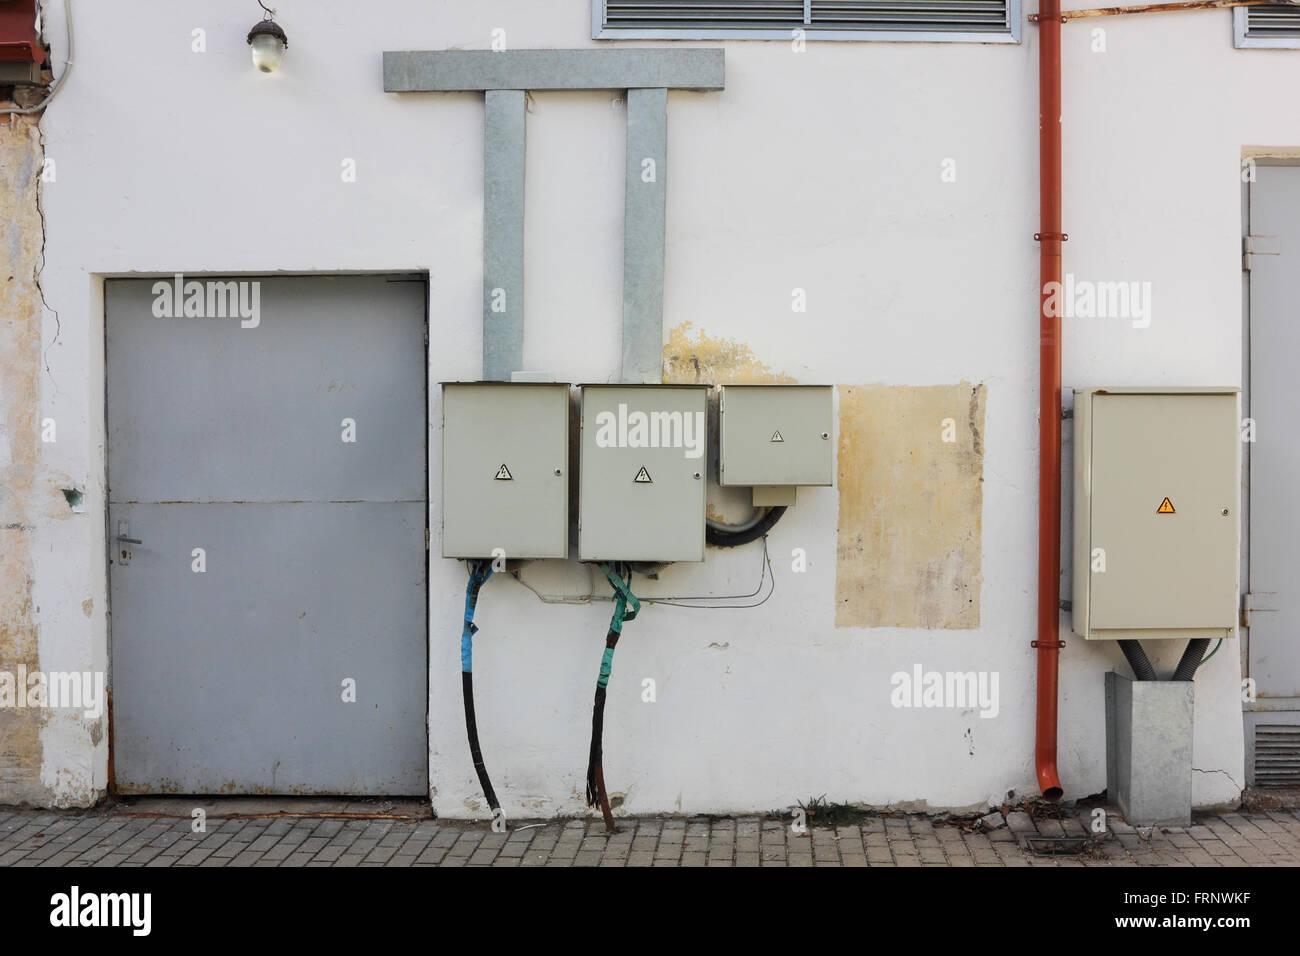 Niedlich Layout Der Elektrischen Leitungen Bilder - Die Besten ...